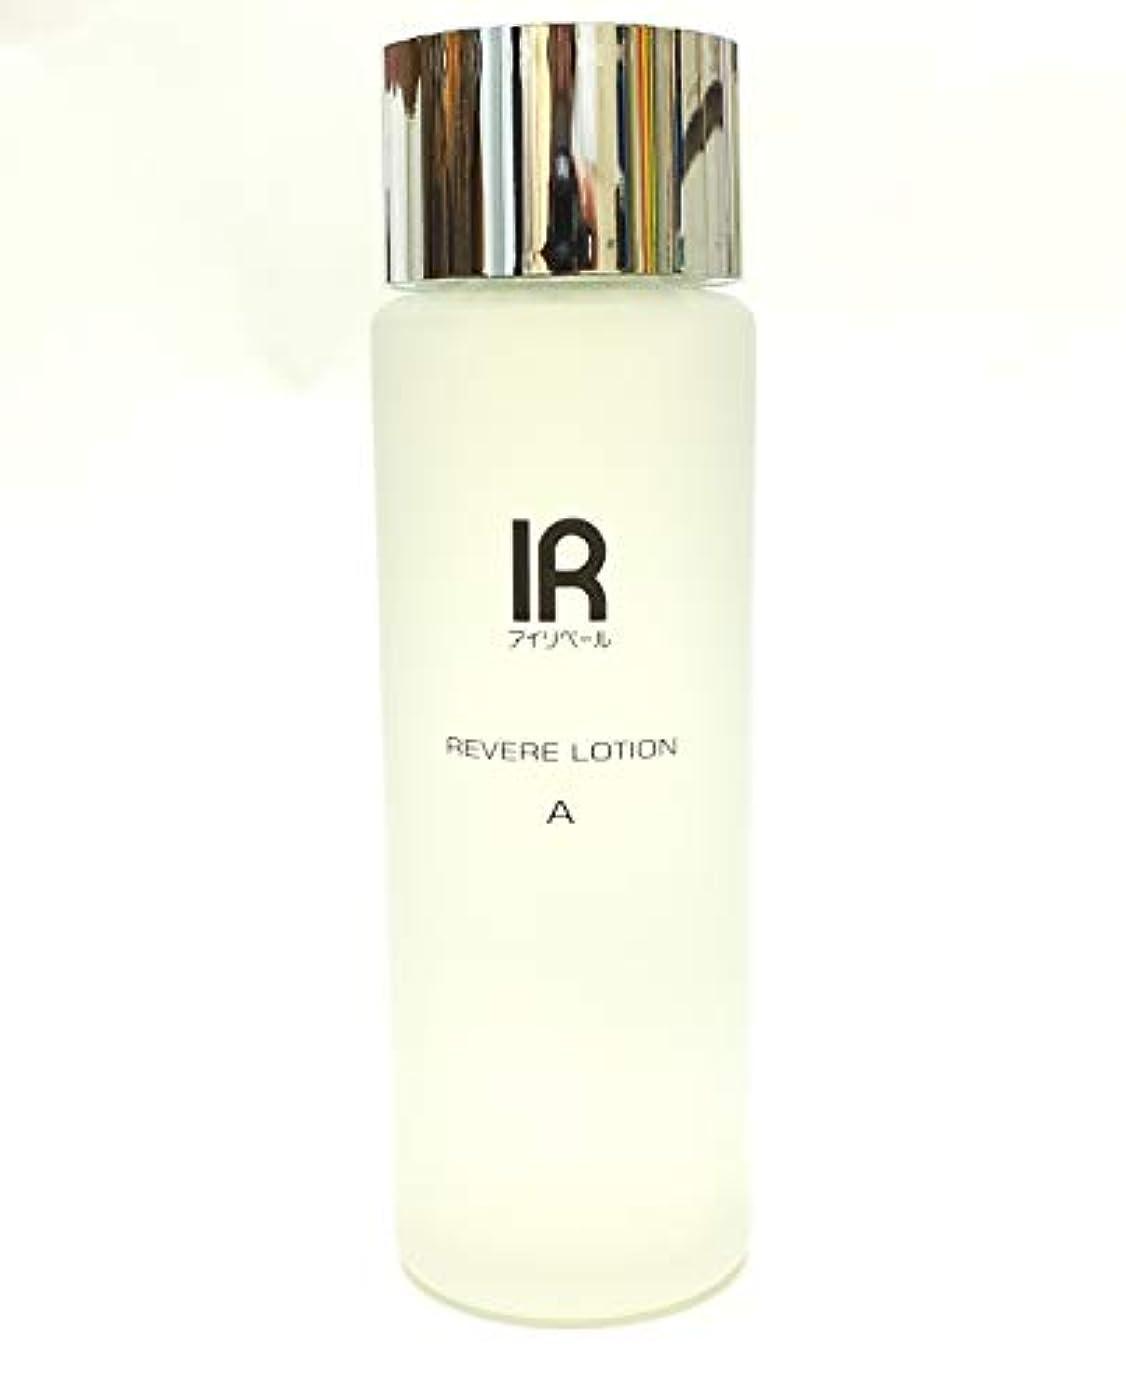 変えるホステル忠実にIR アイリベール化粧品 スキンローションA (自立活性用化粧水) 120ml